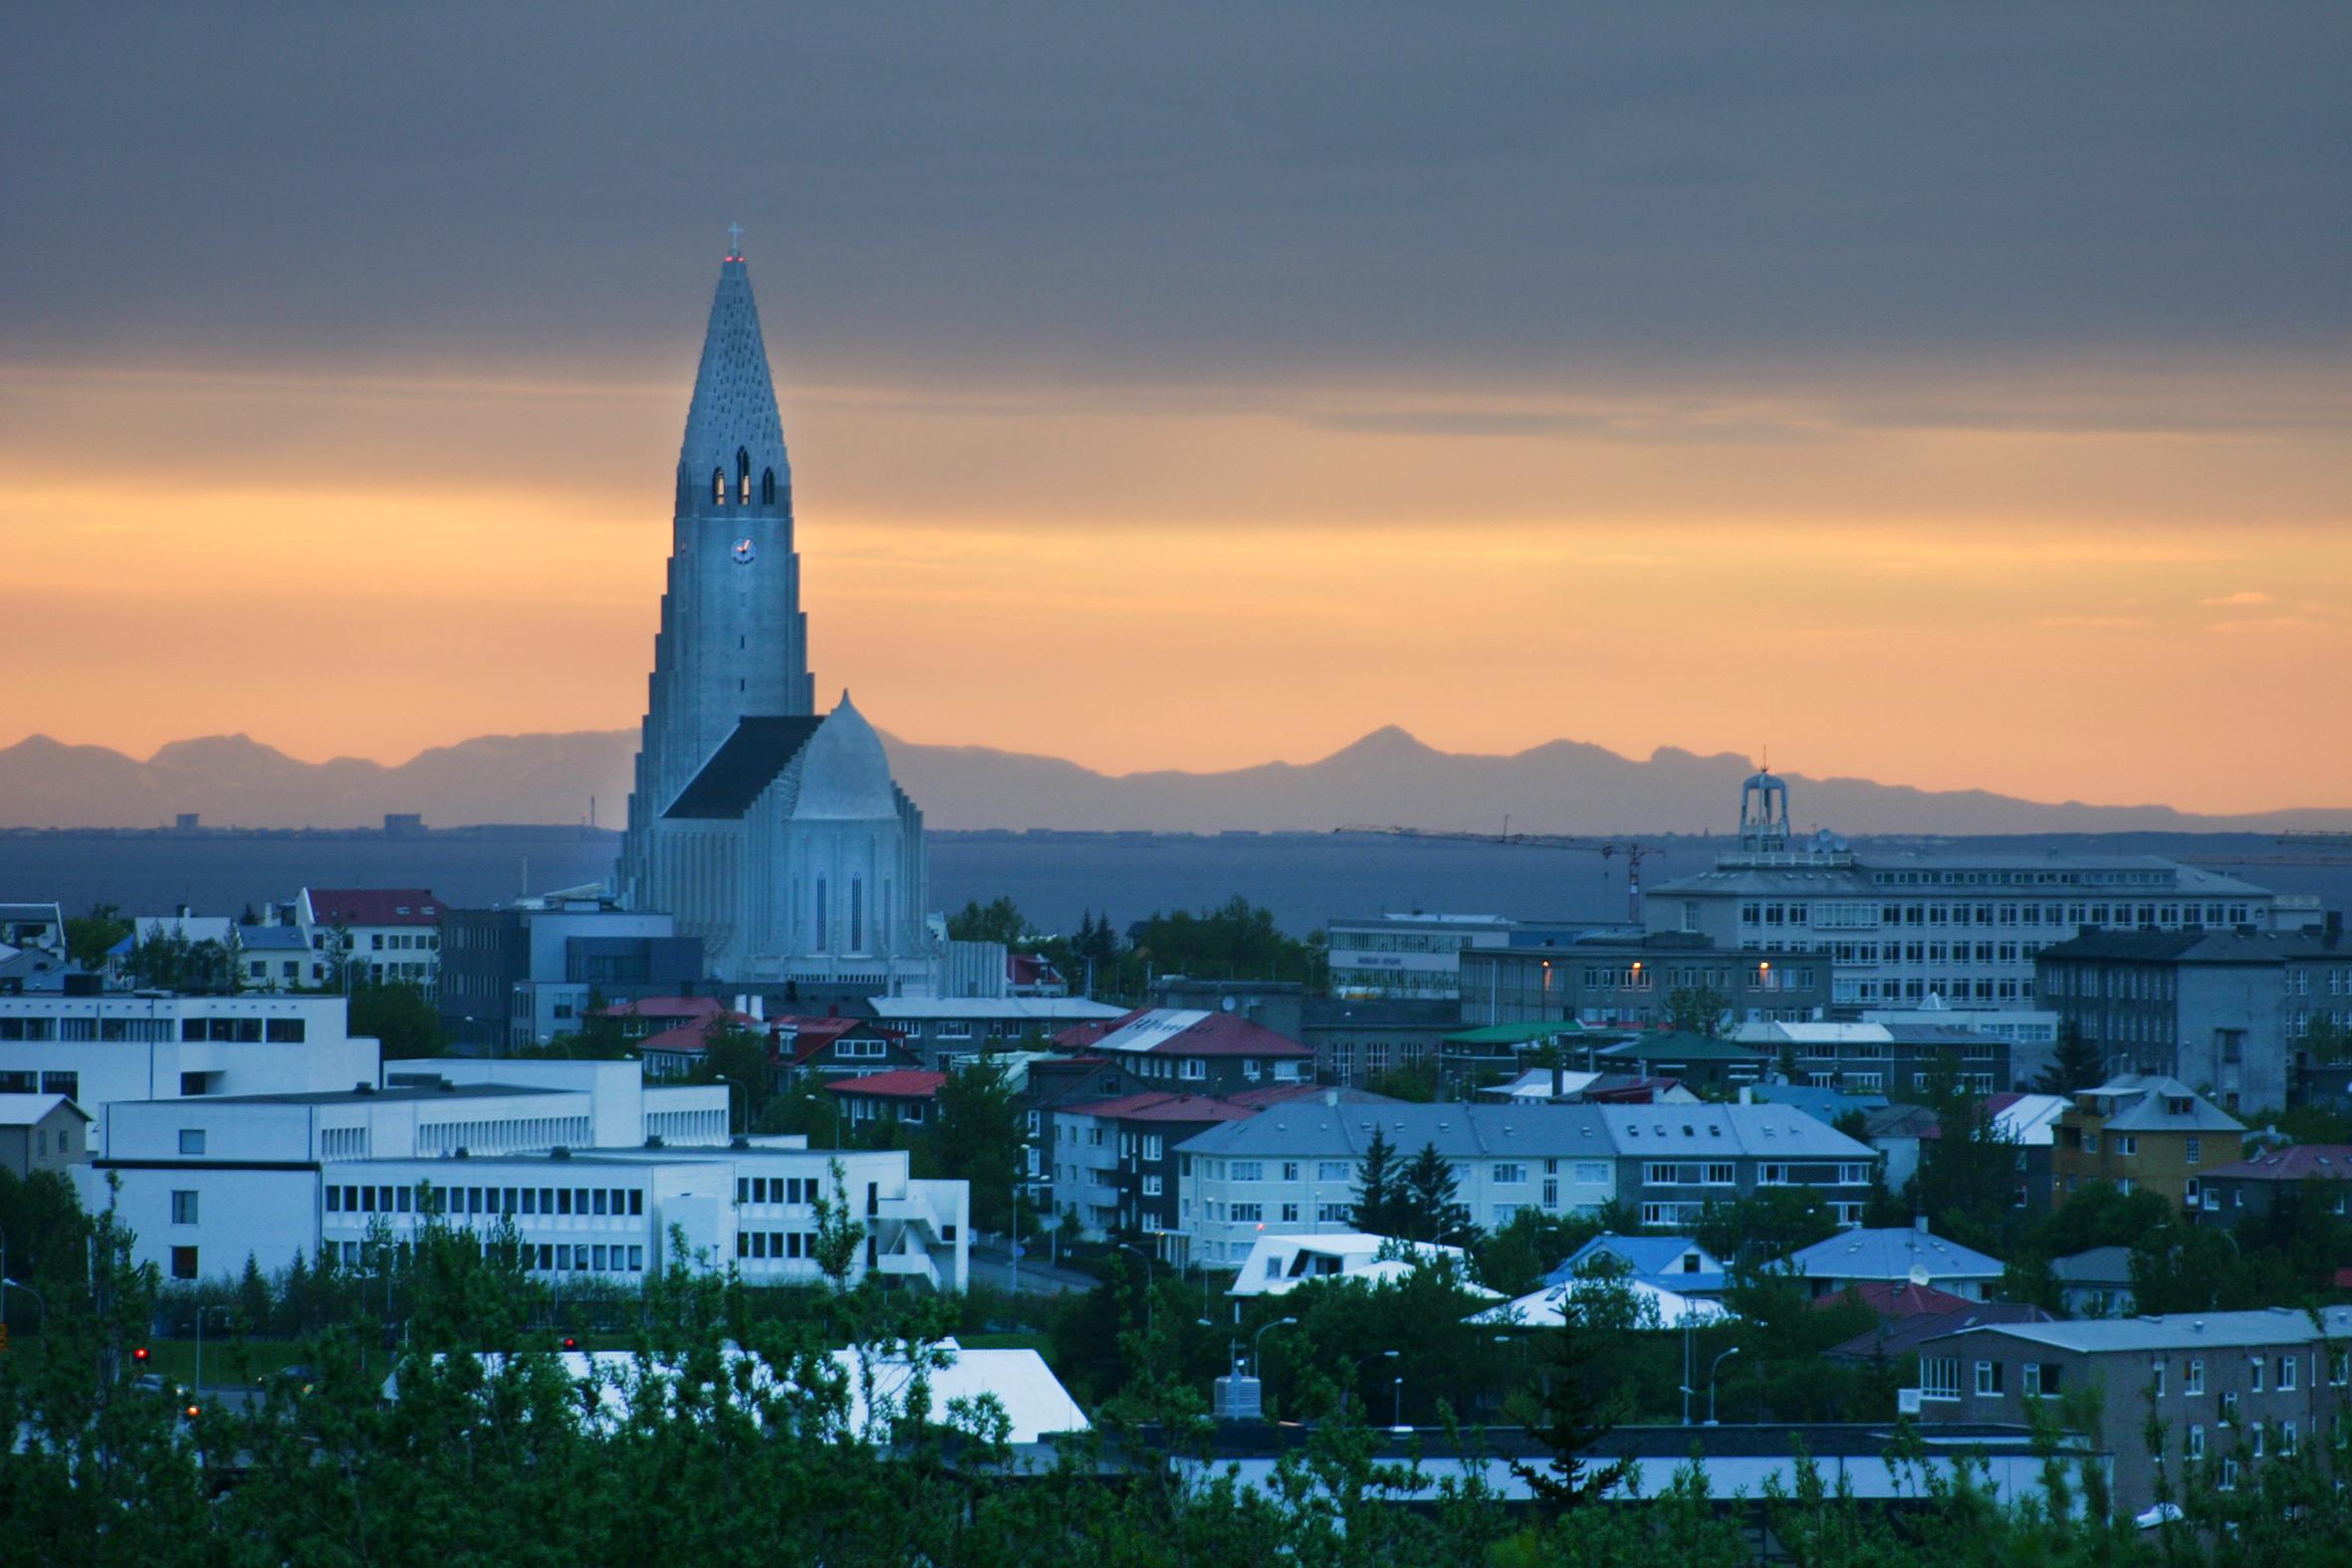 Island, Suedisland, Reykjavik, Hallgrimskirche, Hallgrimskirkja, Kicrhe